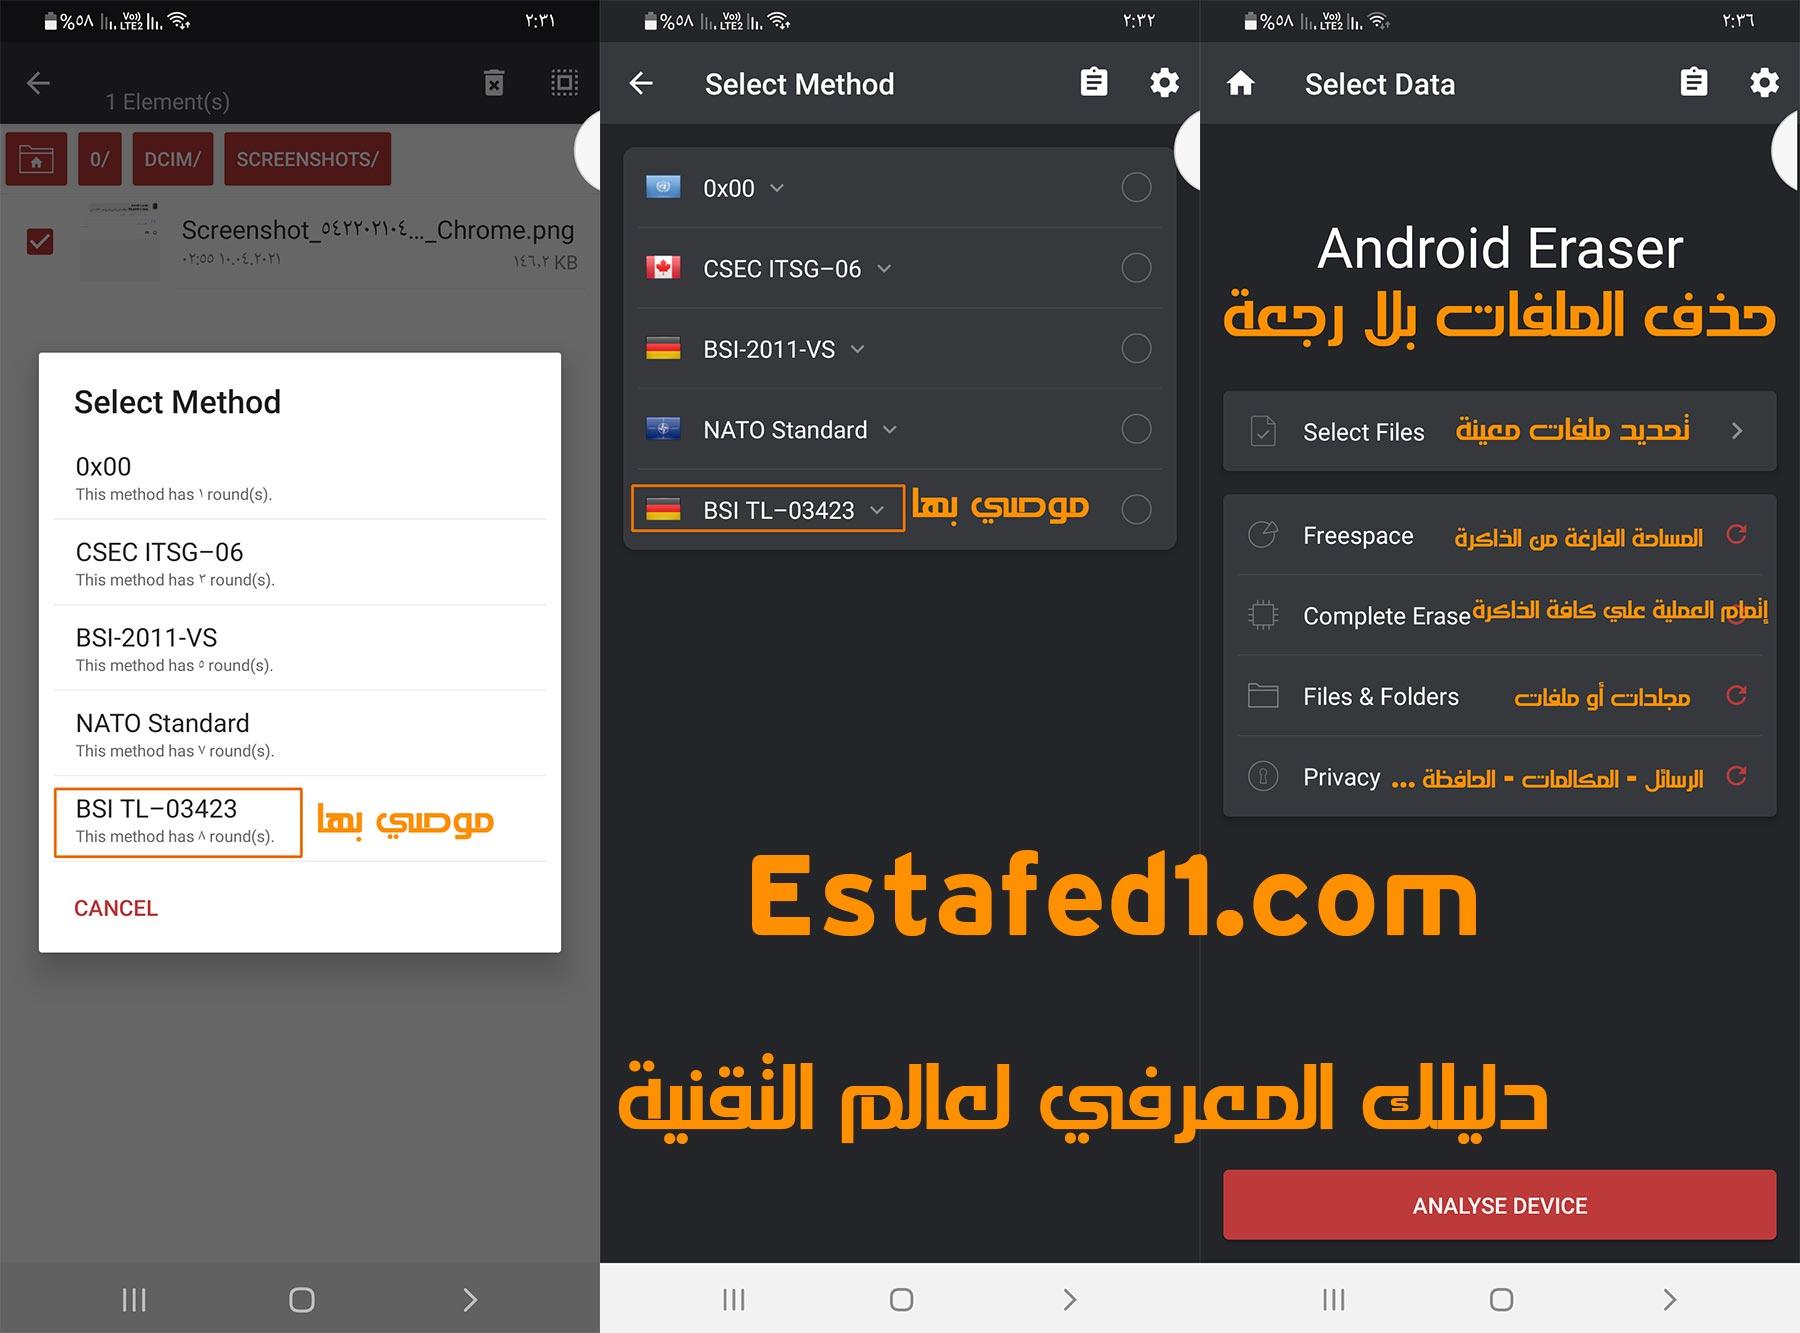 حذف الملفات نهائيا من الموبايل file shreder data eraser